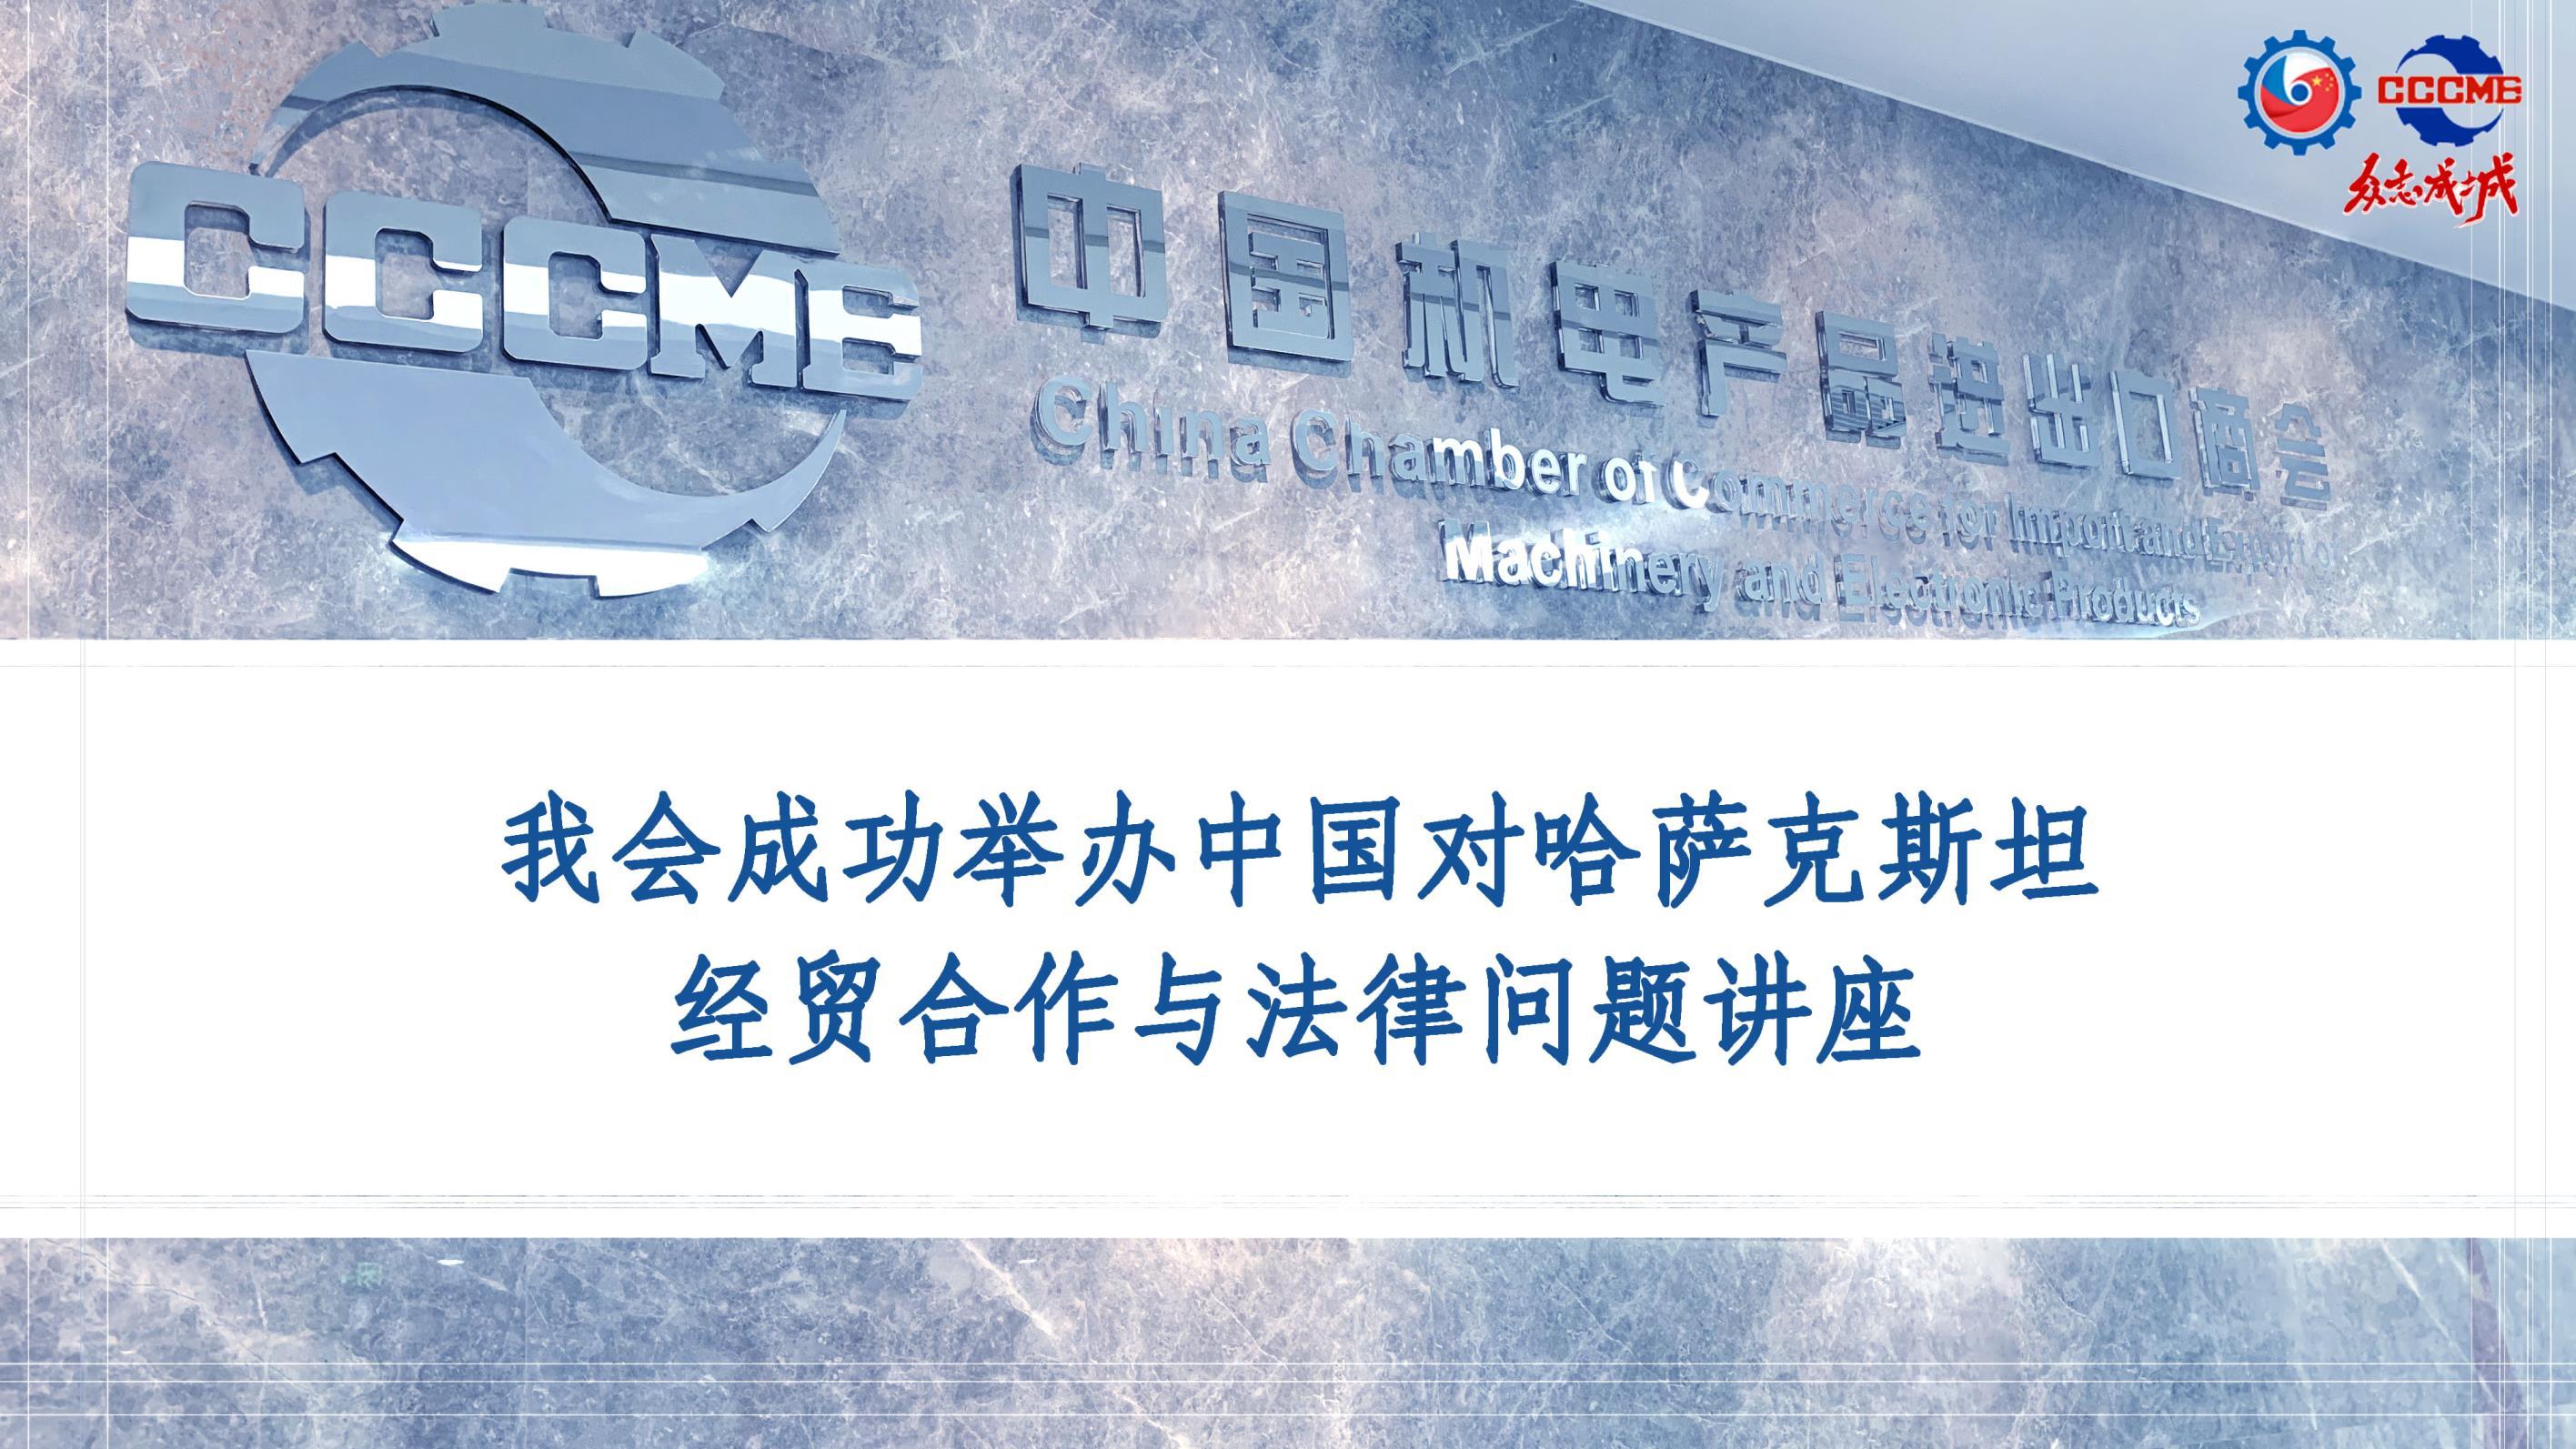 我会成功举办中国-哈萨克斯坦经贸合作和法律问题讲座